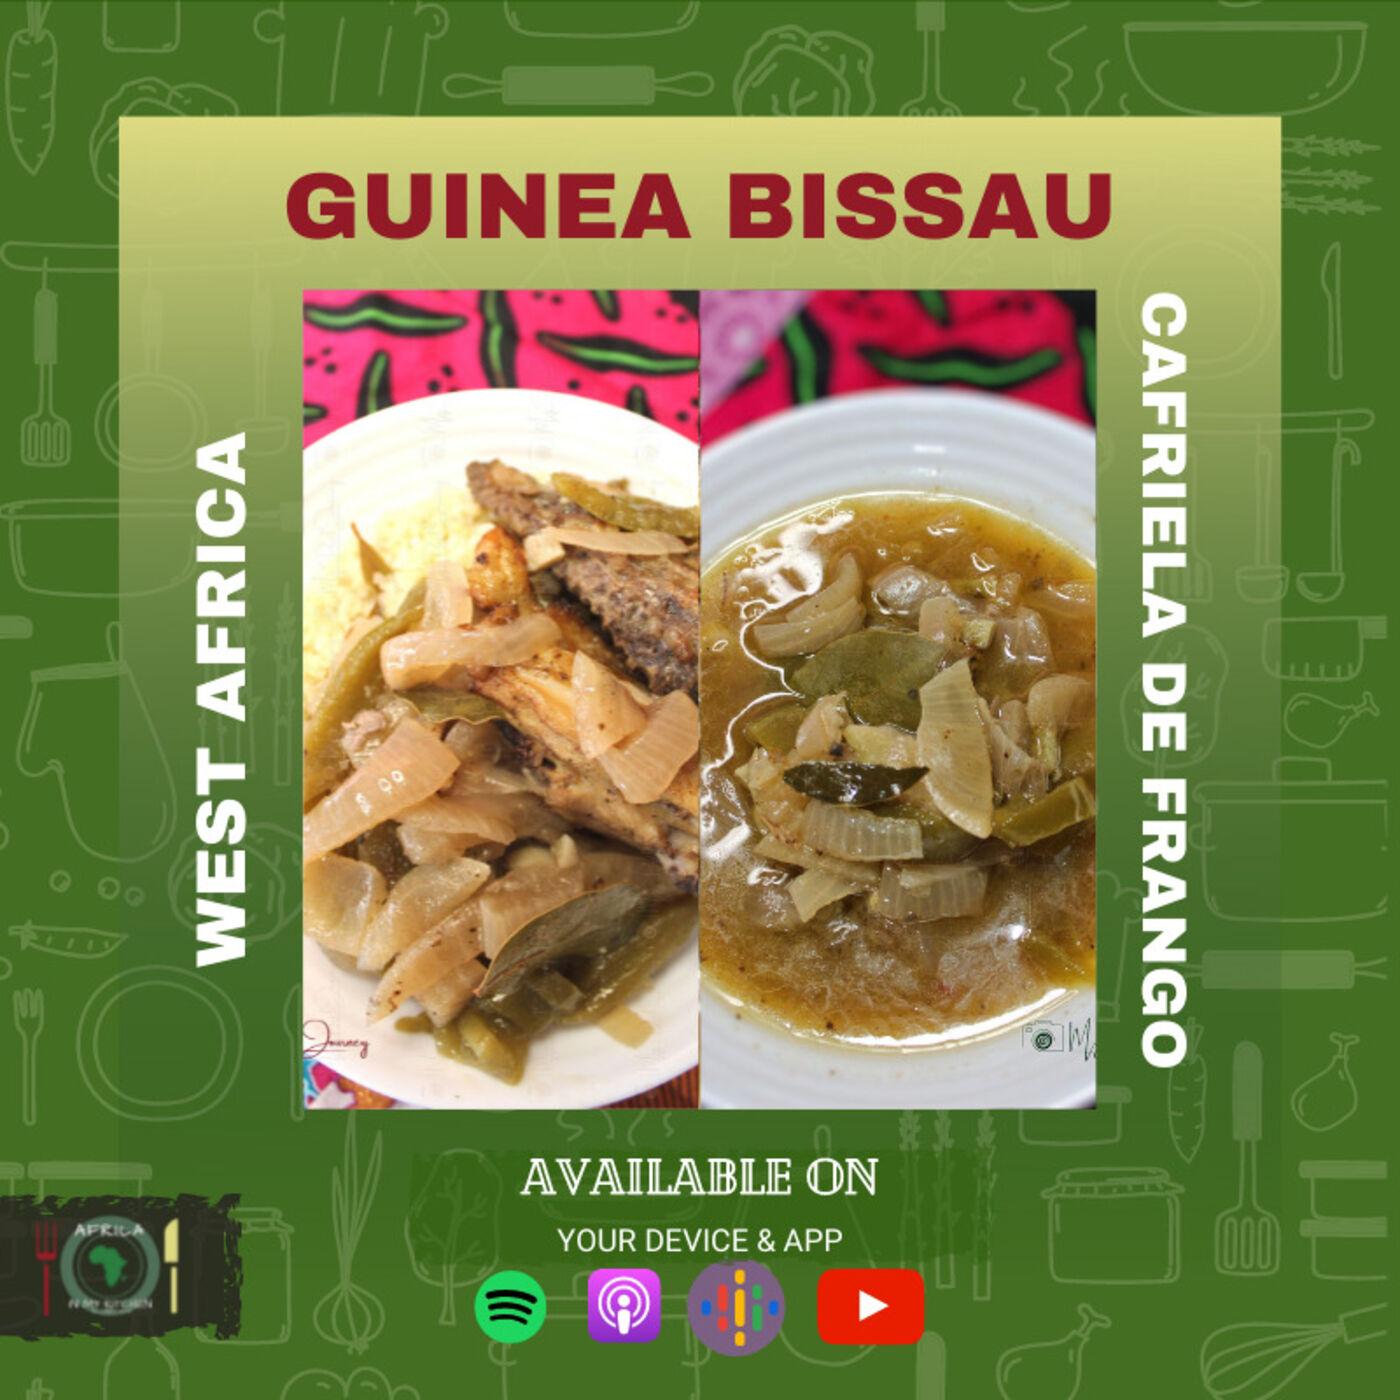 Guinea Bissau - Cafriela de Frango